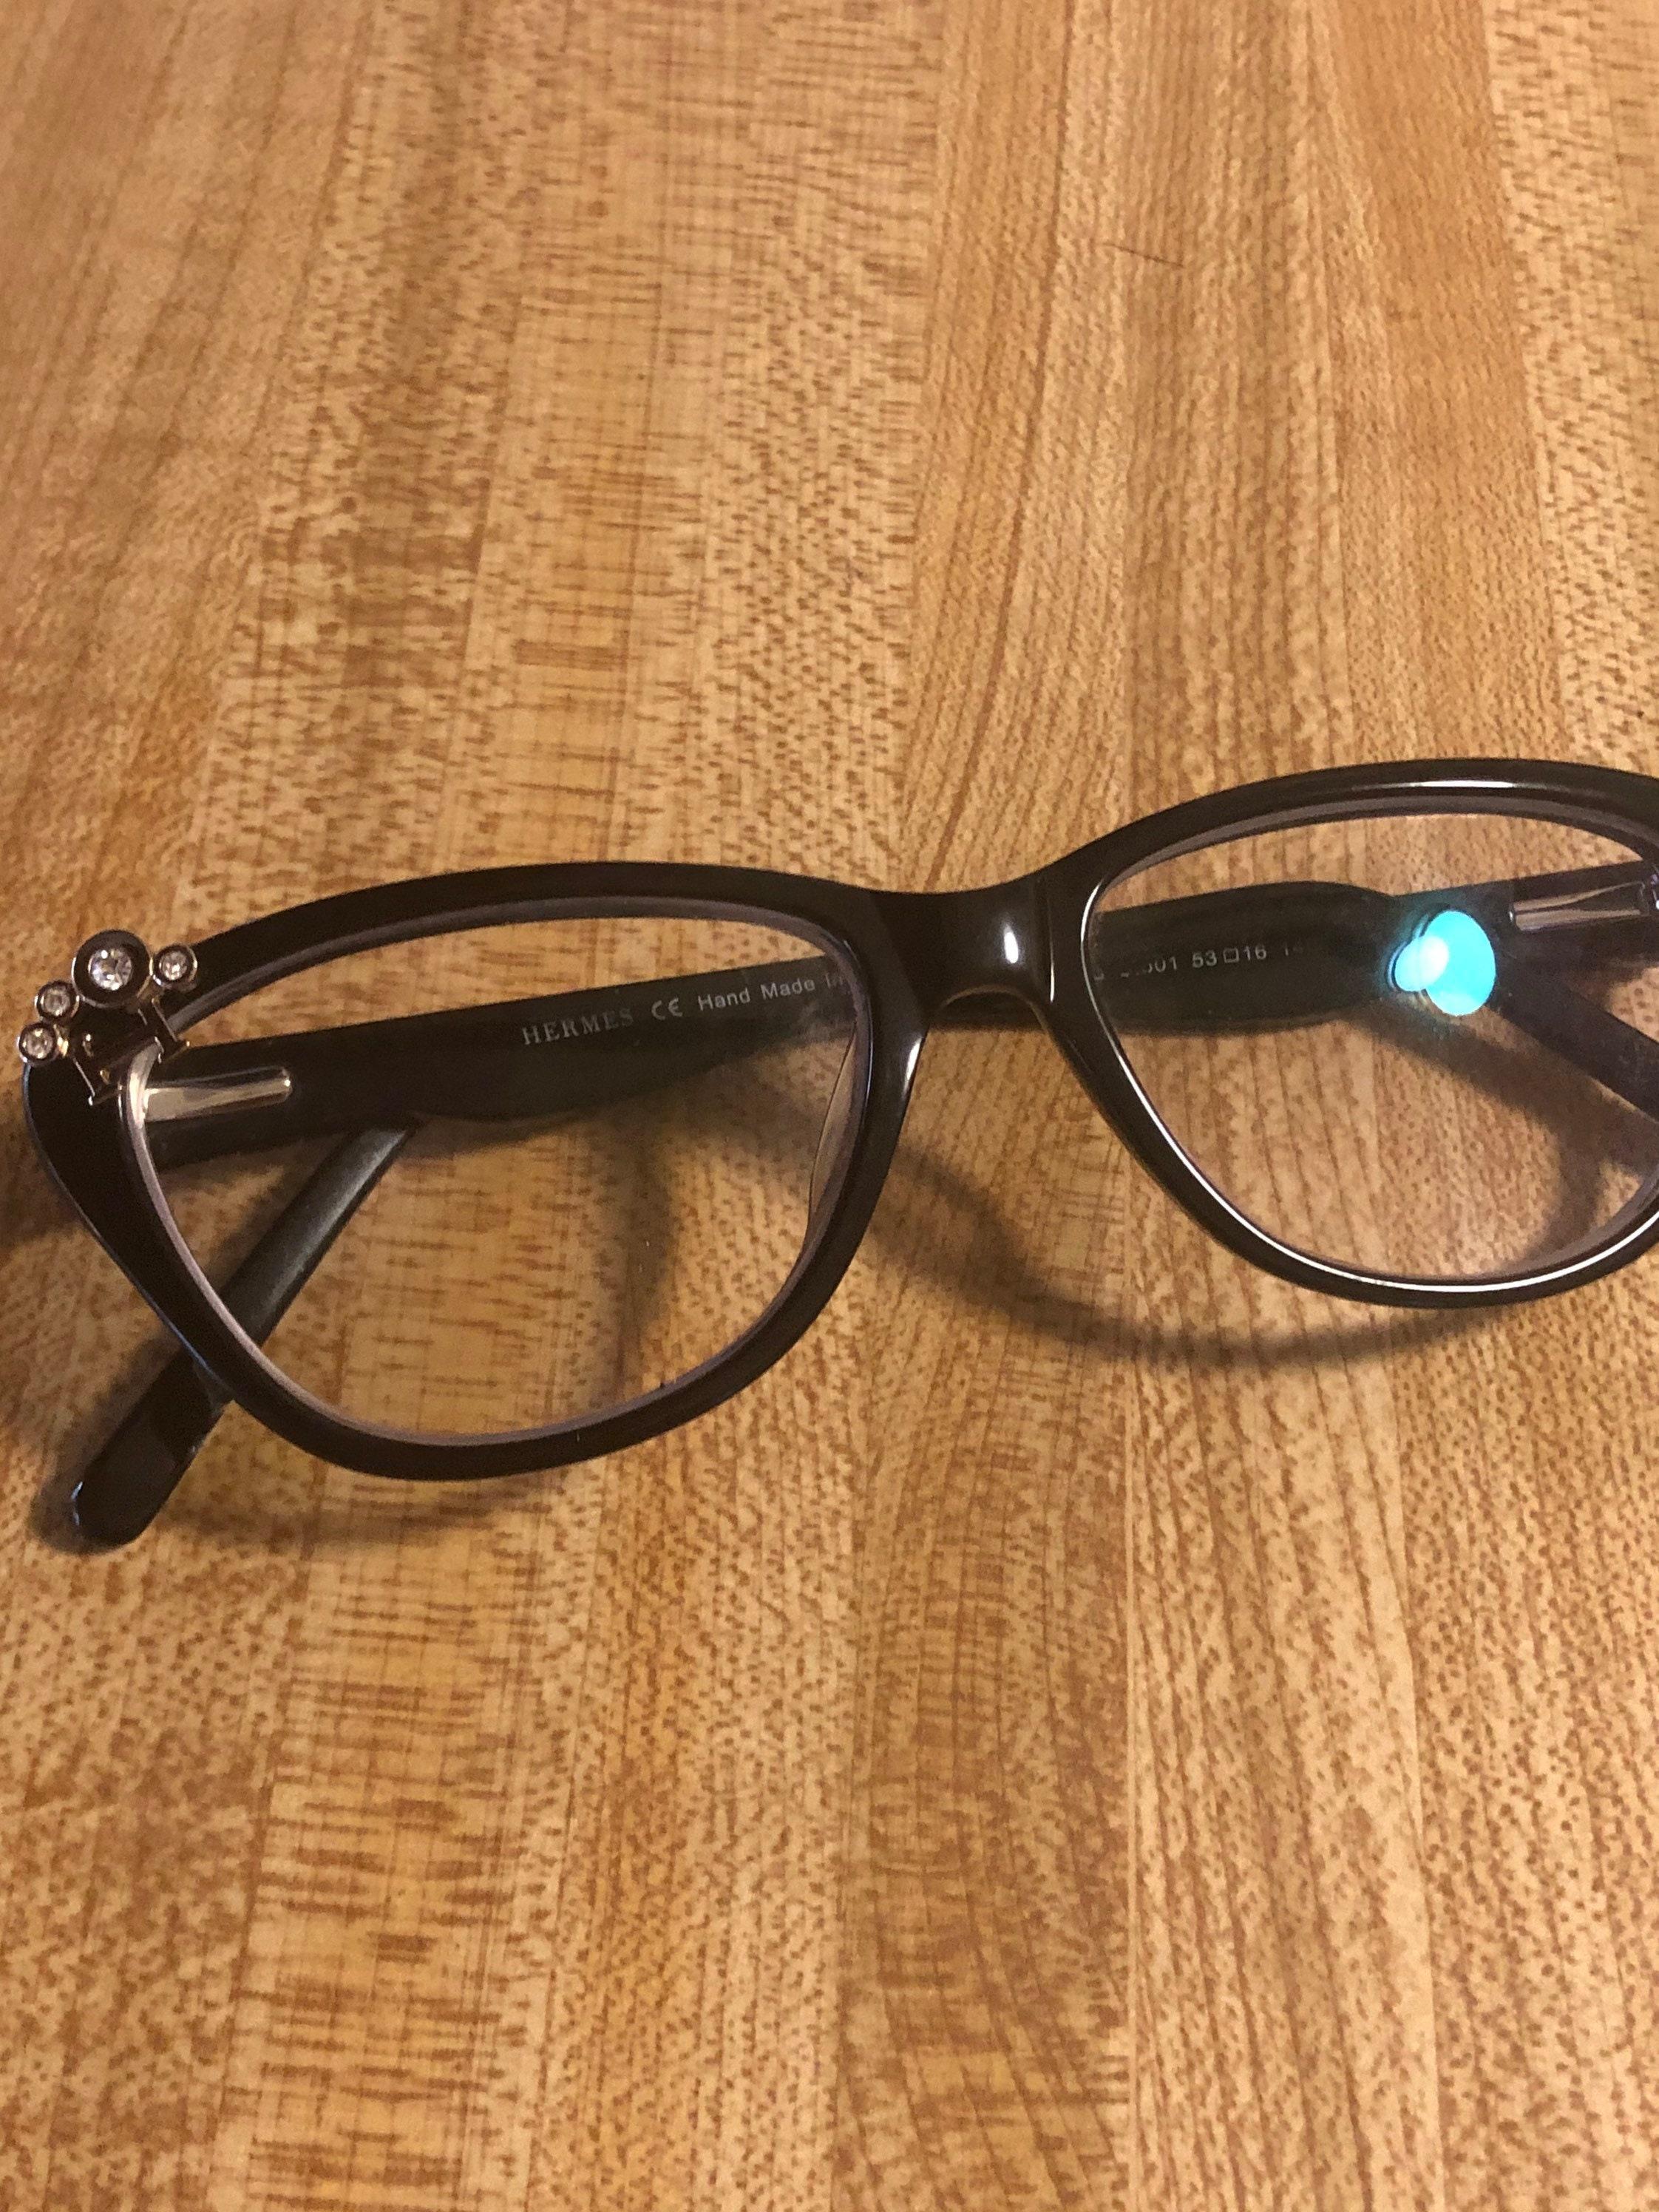 Marcos Hermes auténticos para gafas graduadas. Gran estado.